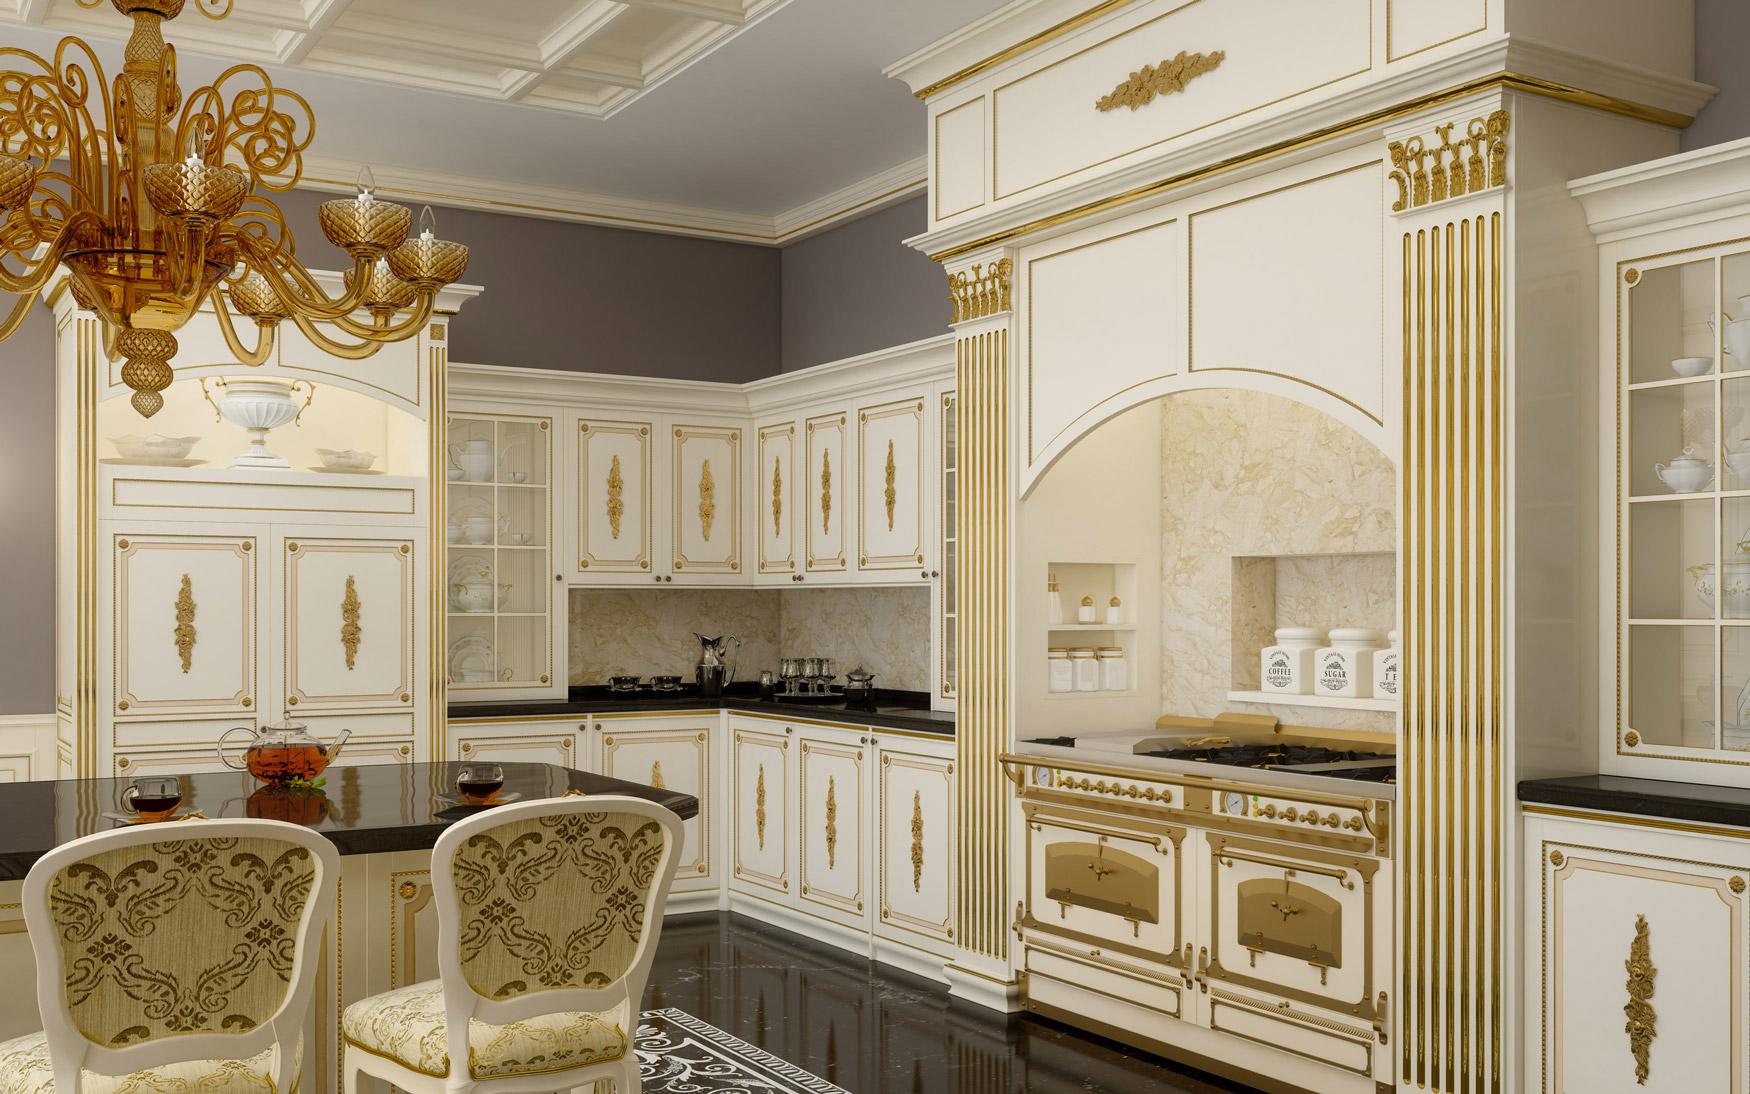 Cucine di lusso su misura lo stile classico si mette ai - Cucine di lusso ...